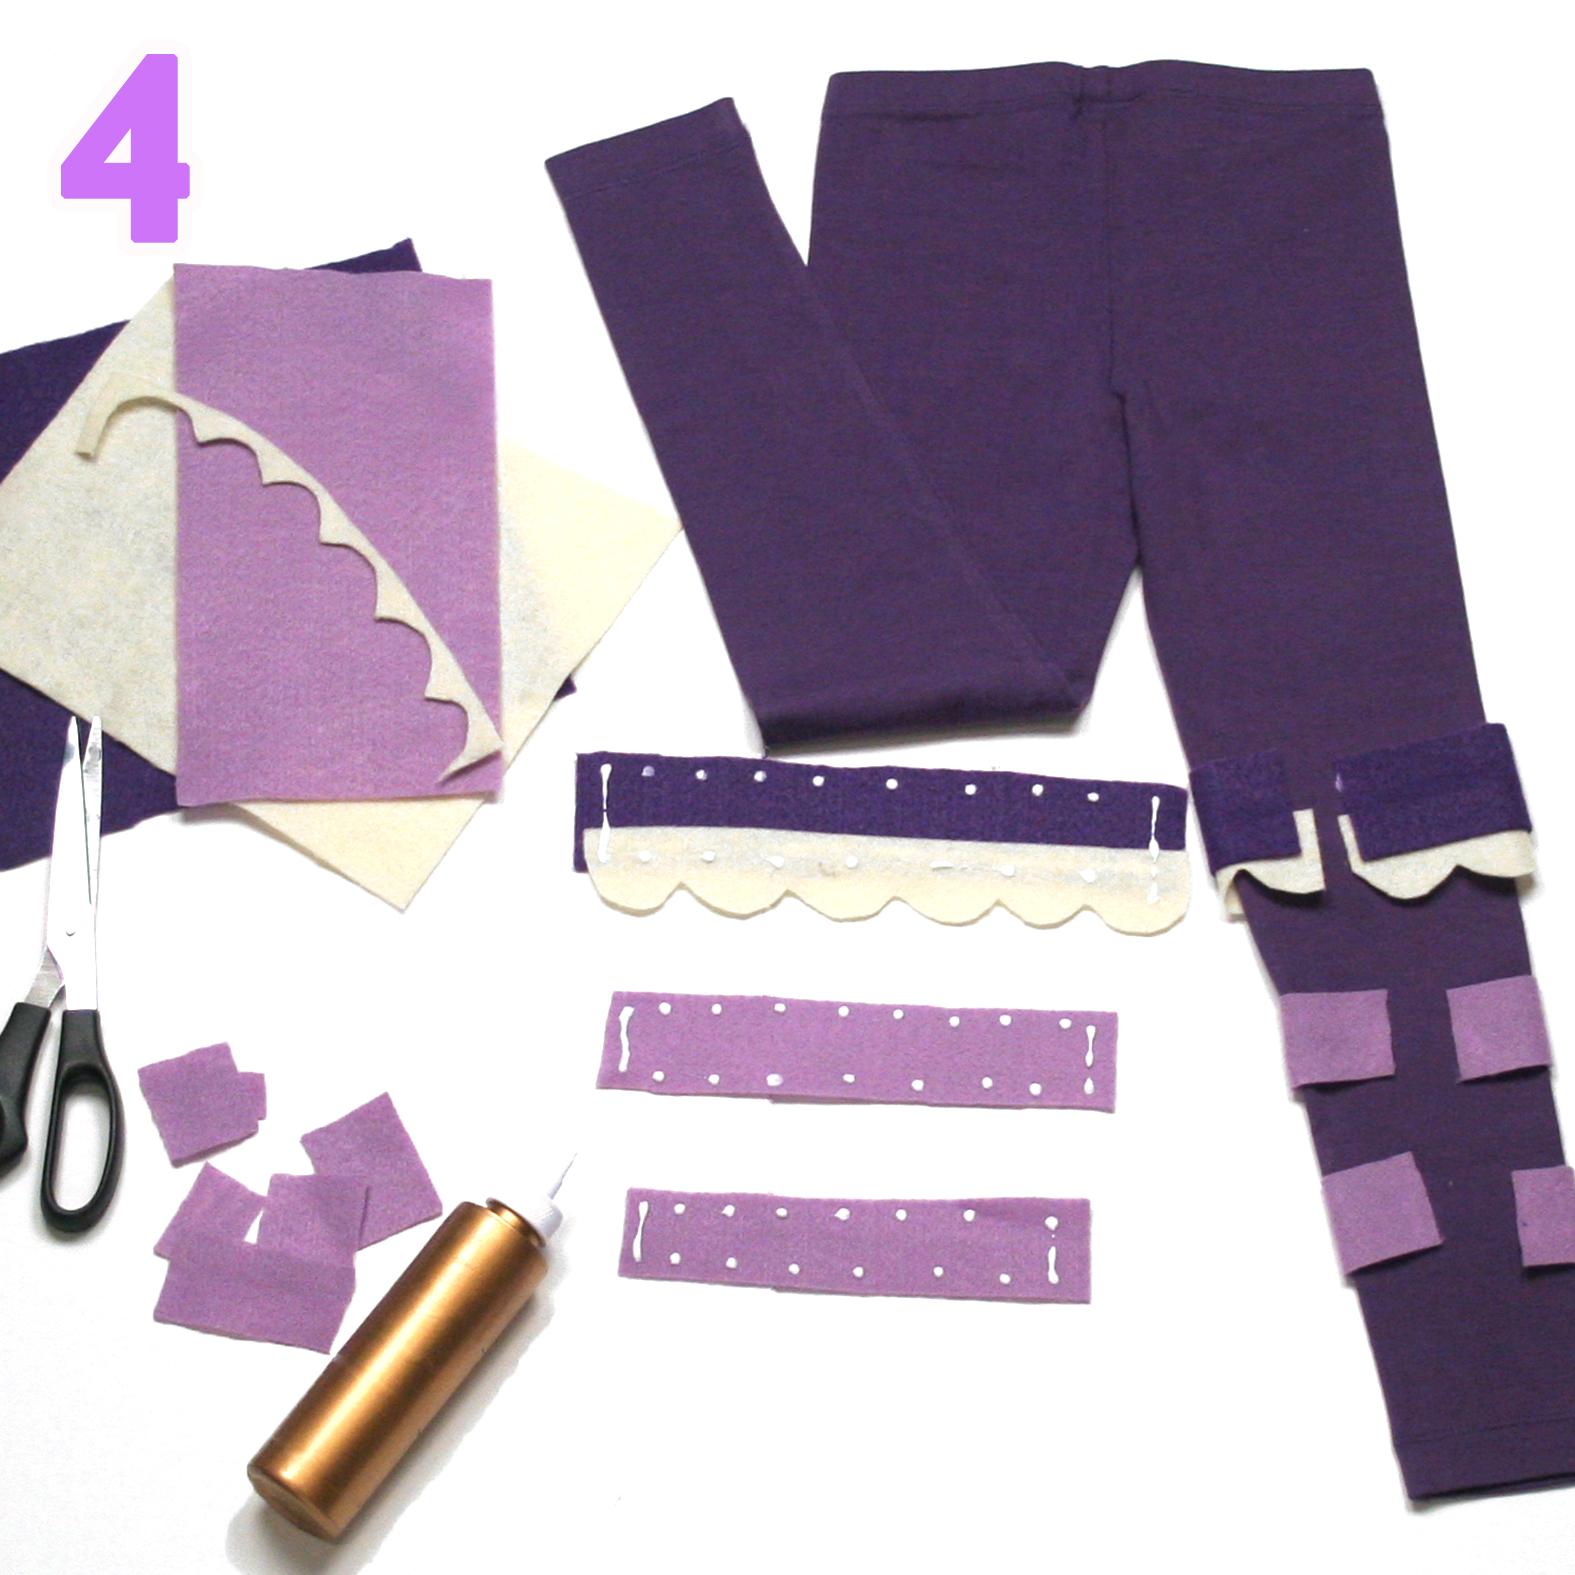 Baa Baa costume step 4